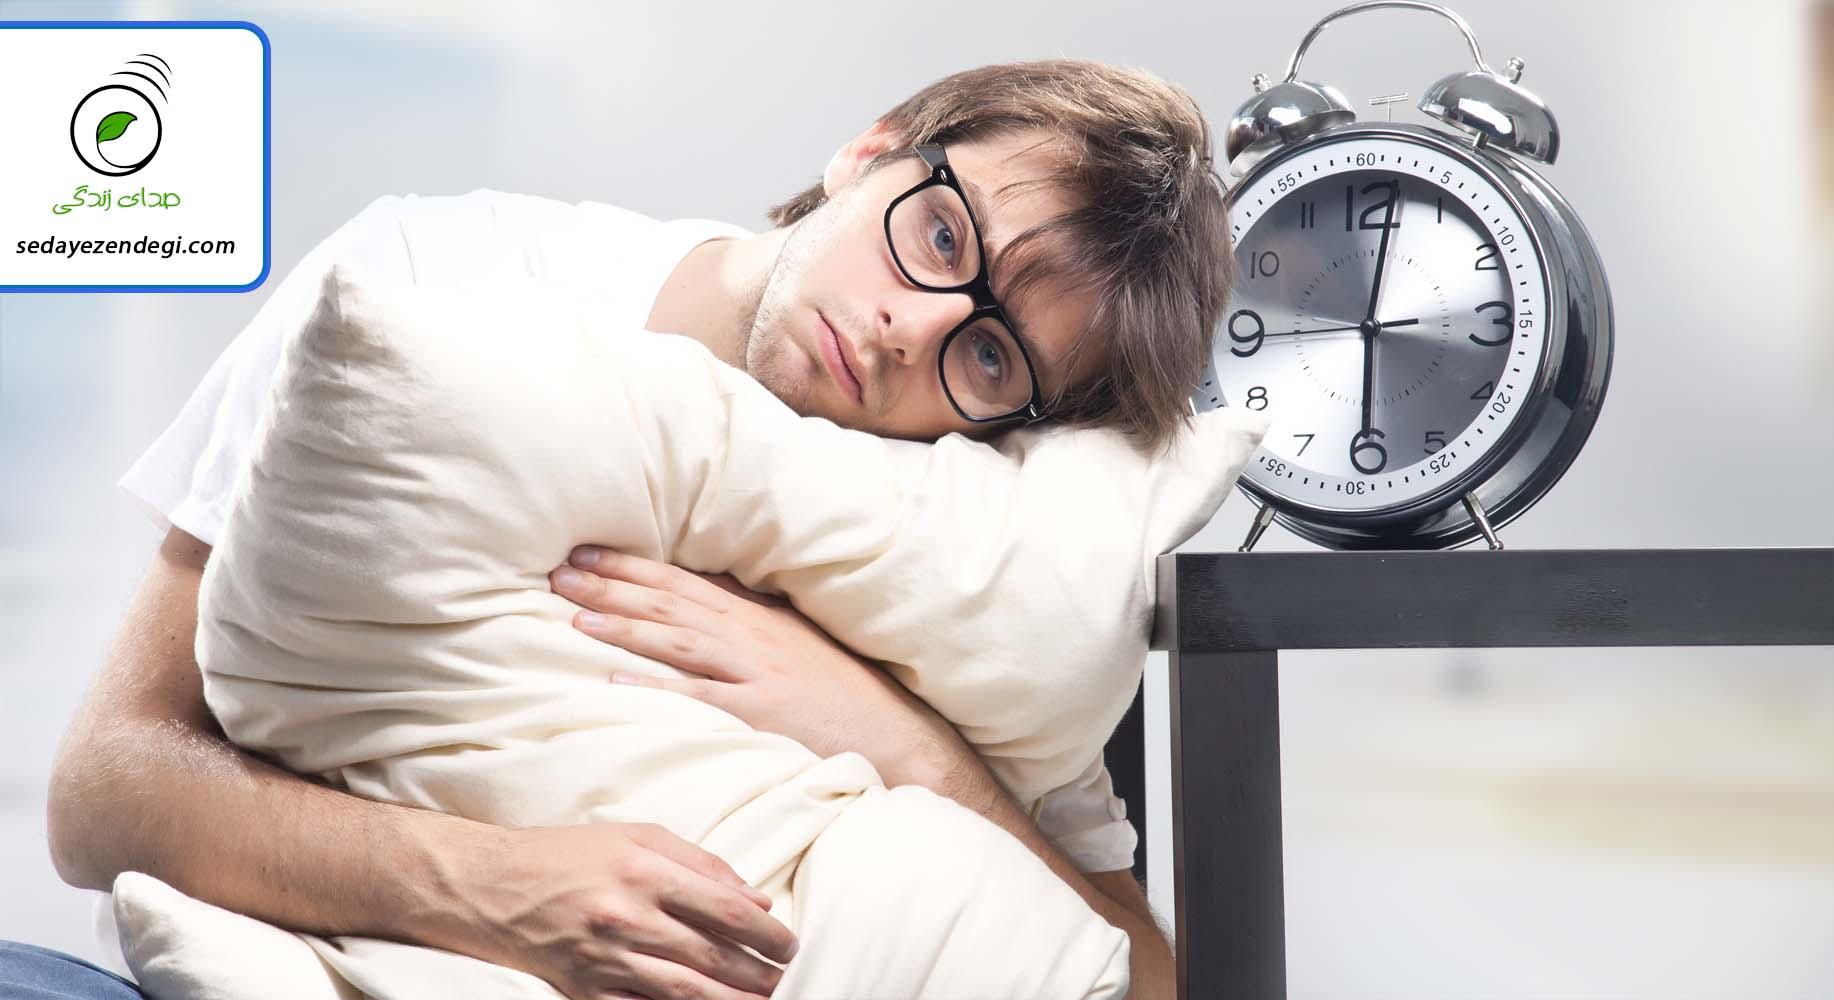 چگونه پس از یک شب بی خوابی روزی خوب و پُر انرژی داشته باشیم؟